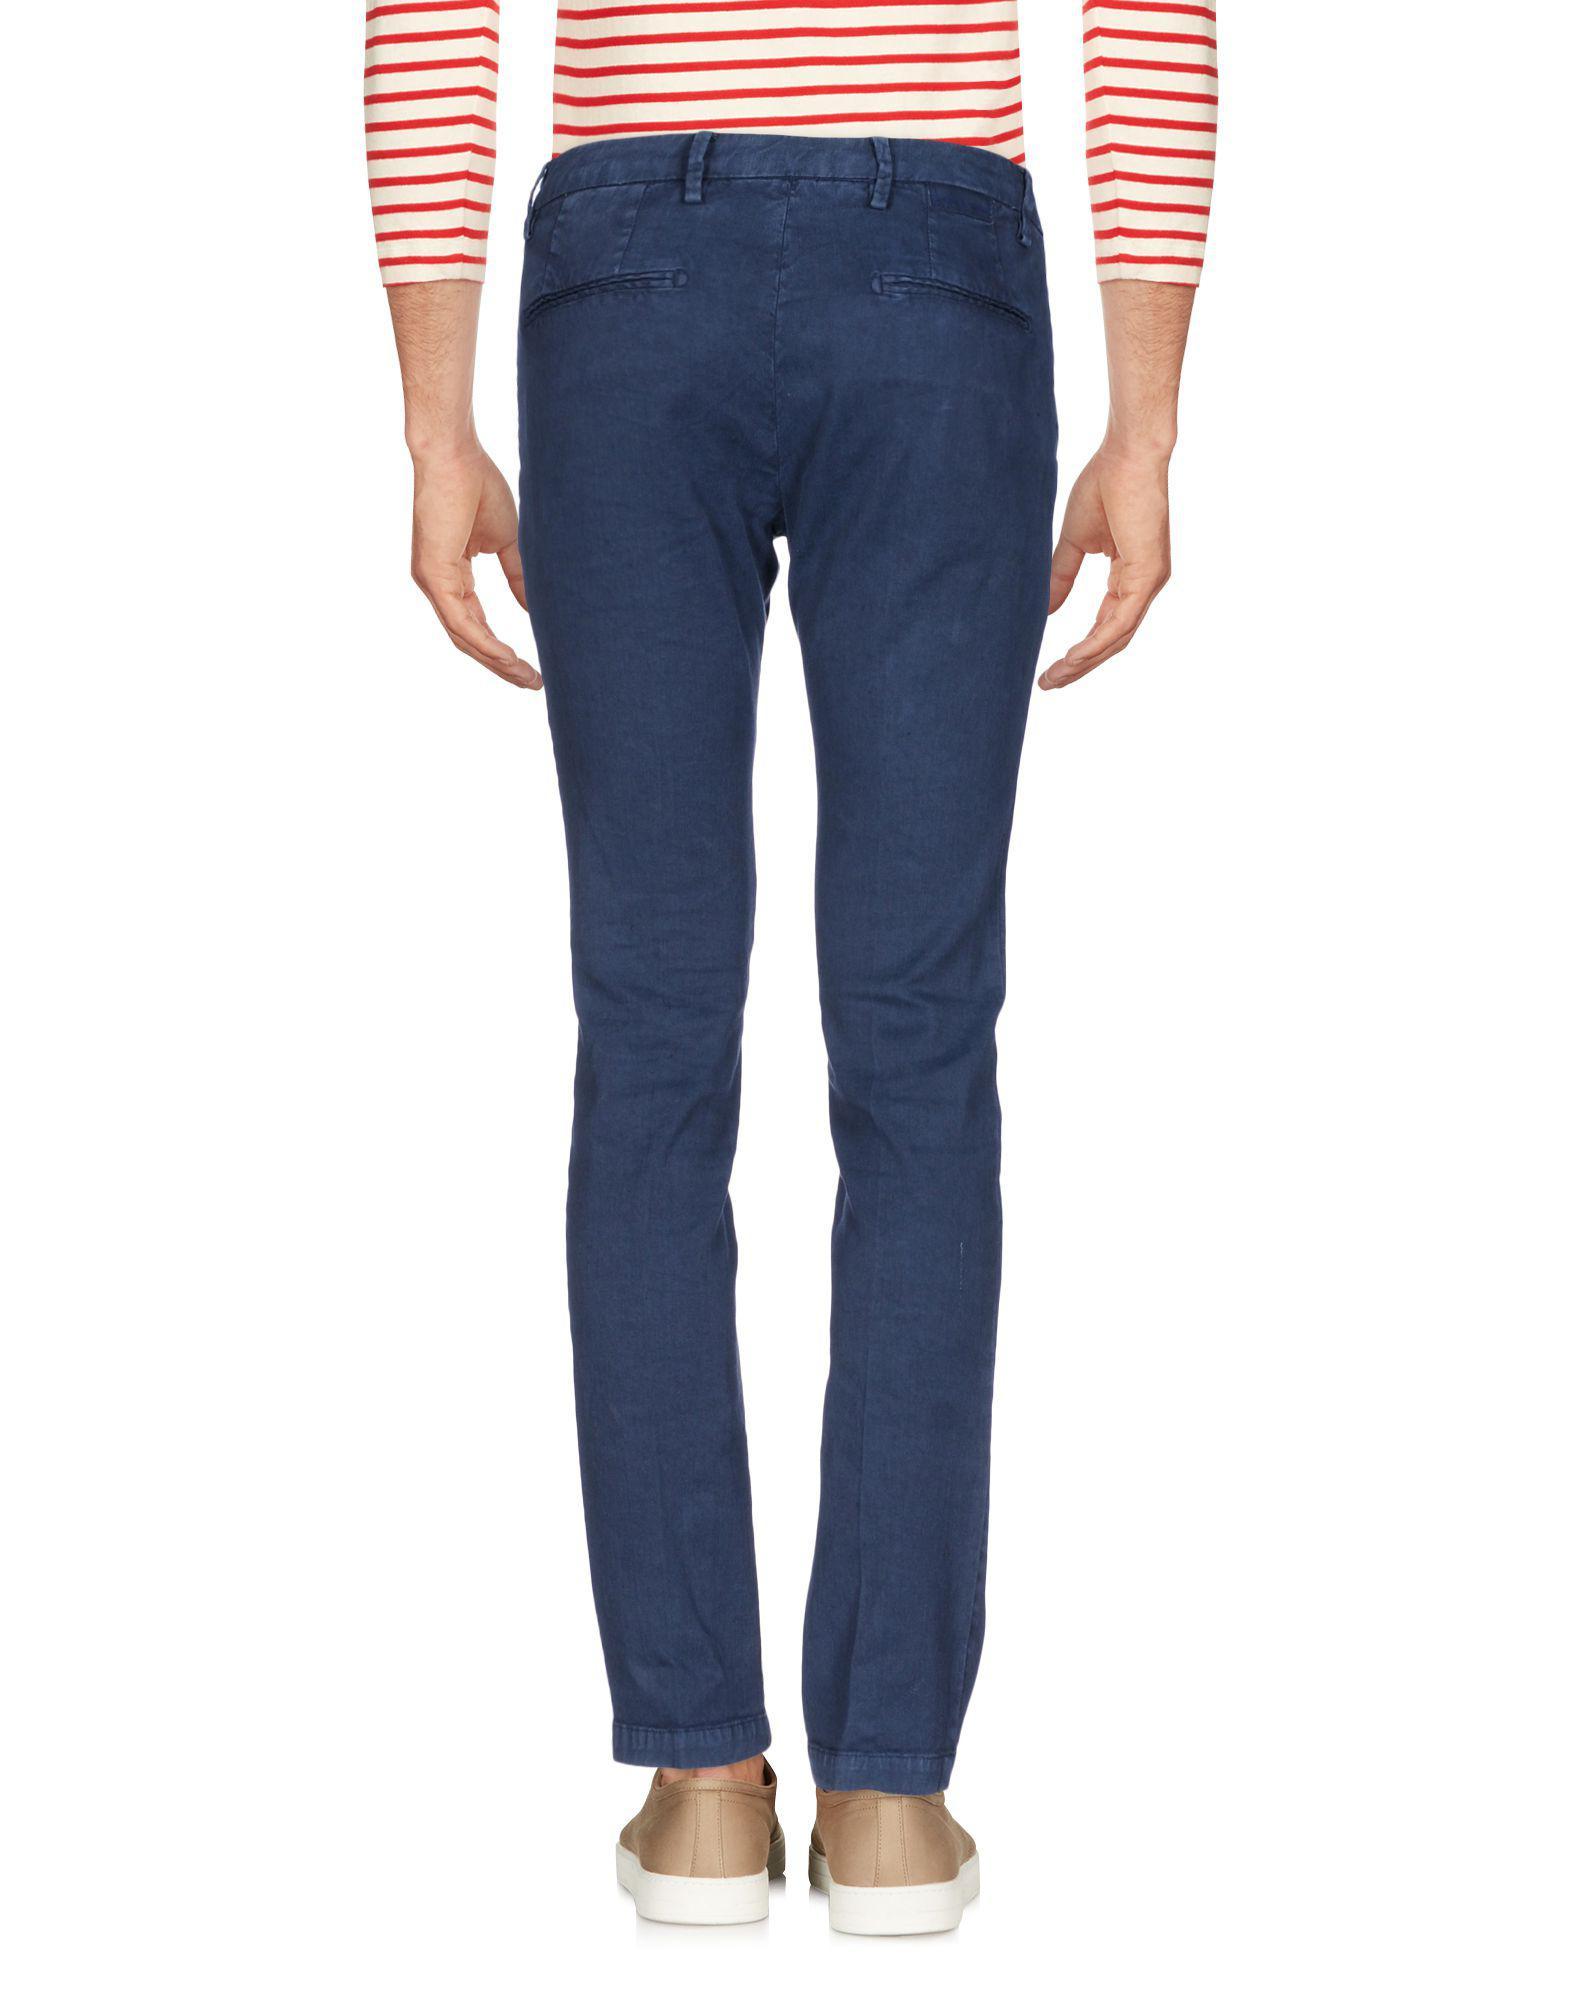 Michael Coal Denim Pants in Dark Blue (Blue) for Men